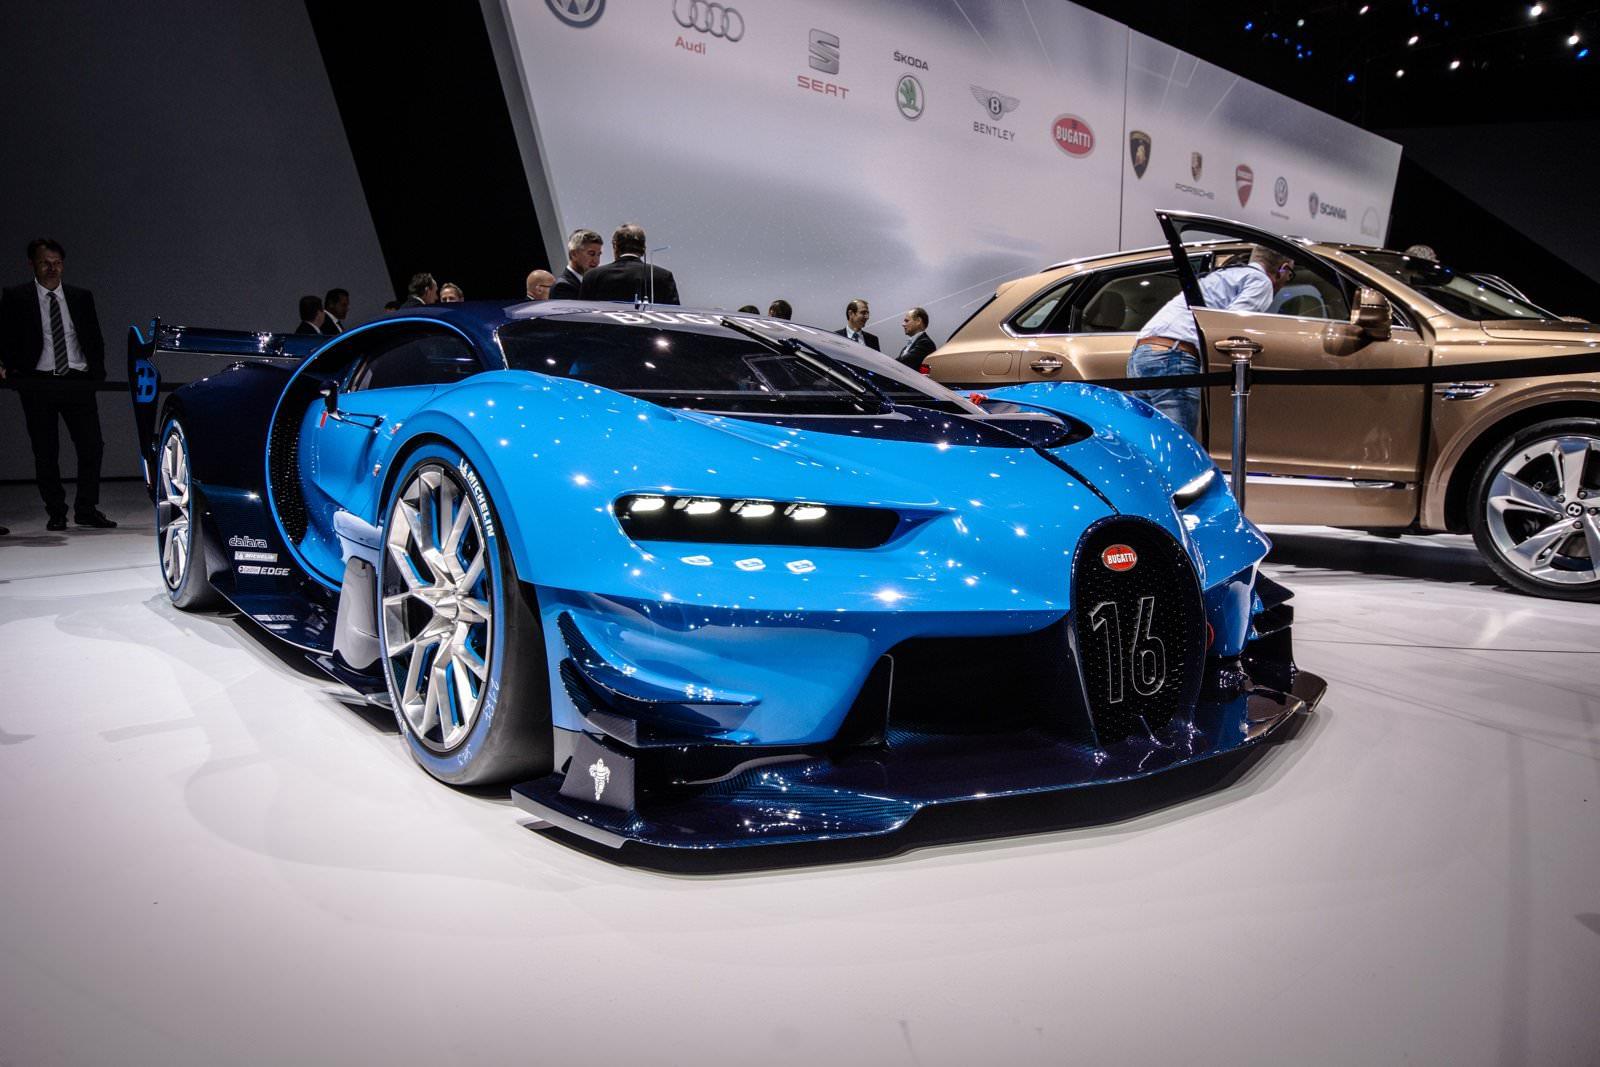 بالصور افخم السيارات في العالم , اجمل موديلات للعربيات روعه 6223 3